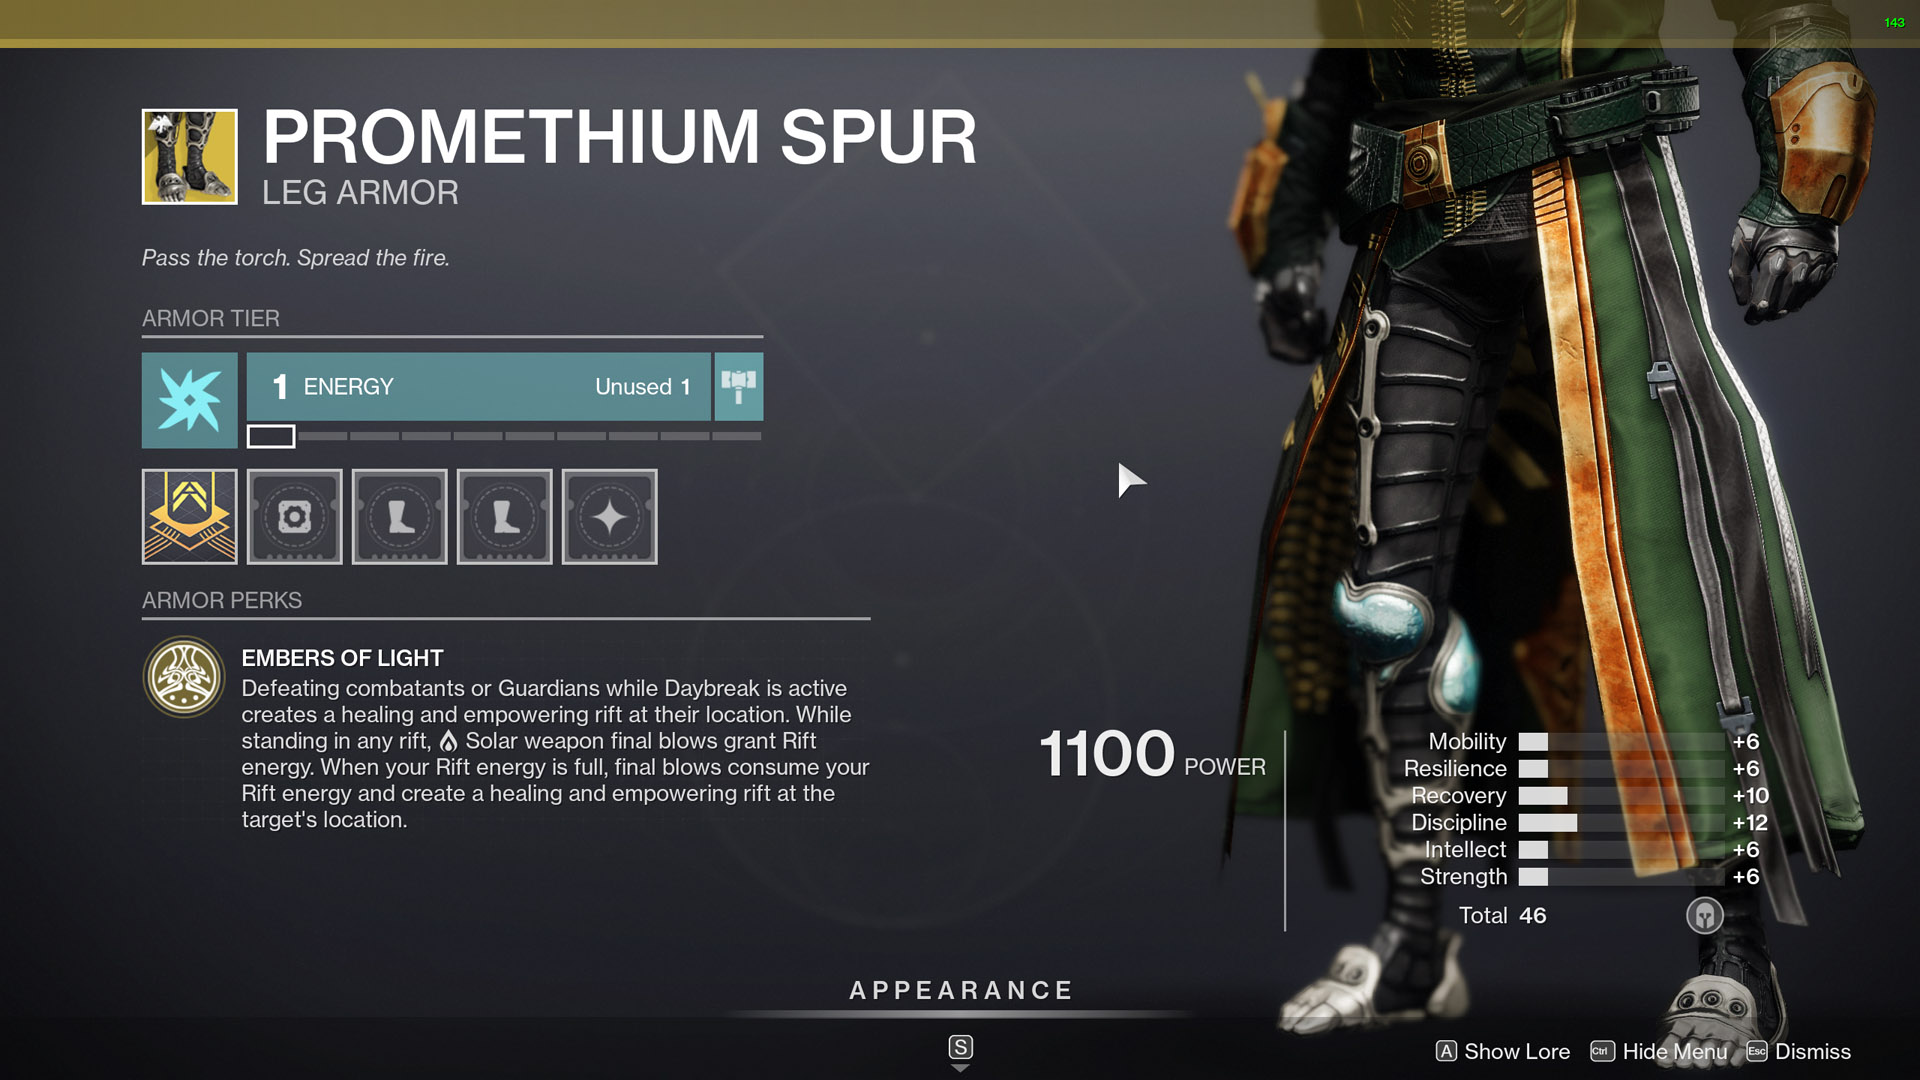 destiny 2 exotic warlock armor promethium spur